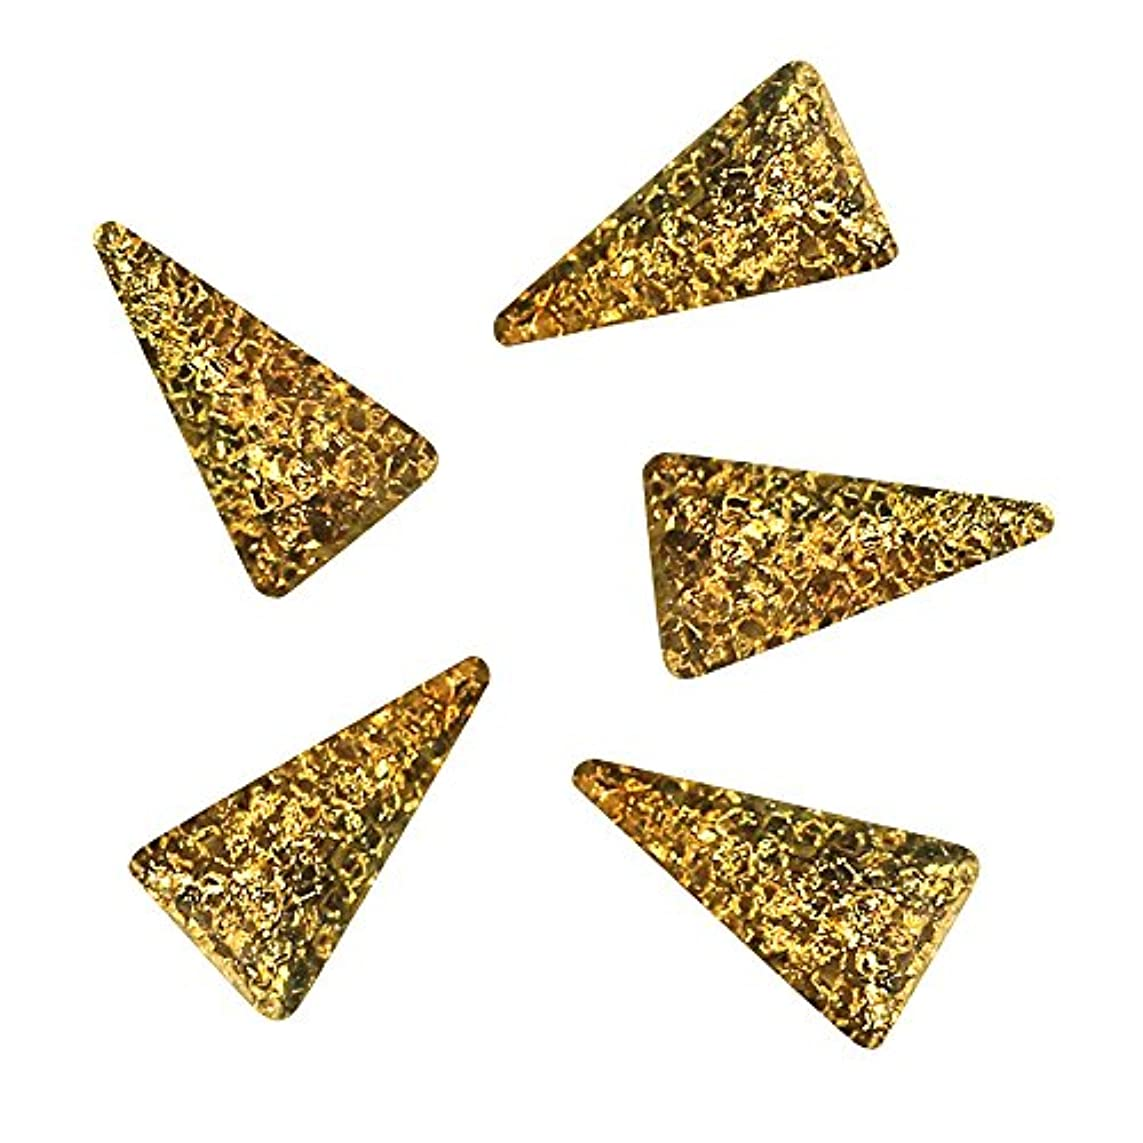 割り込み教義すなわちBonnail ラフスタッズゴールド ロングトライアングル3×2mm